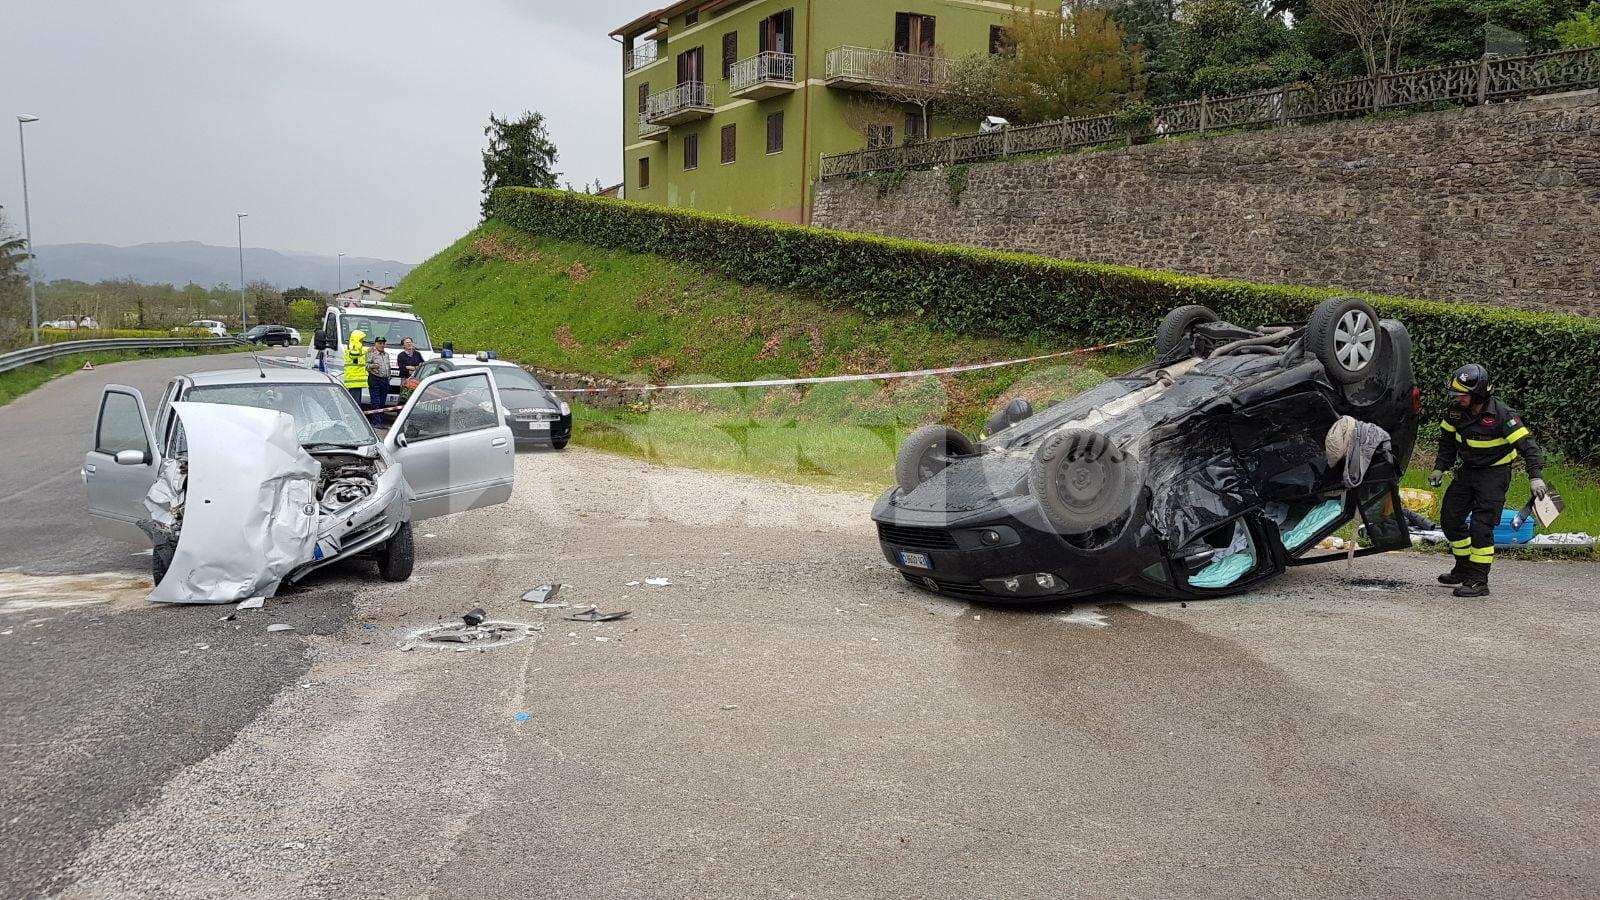 Incidente mortale a Bettona: tragico scontro sulla provinciale 403, due morti, 4 feriti